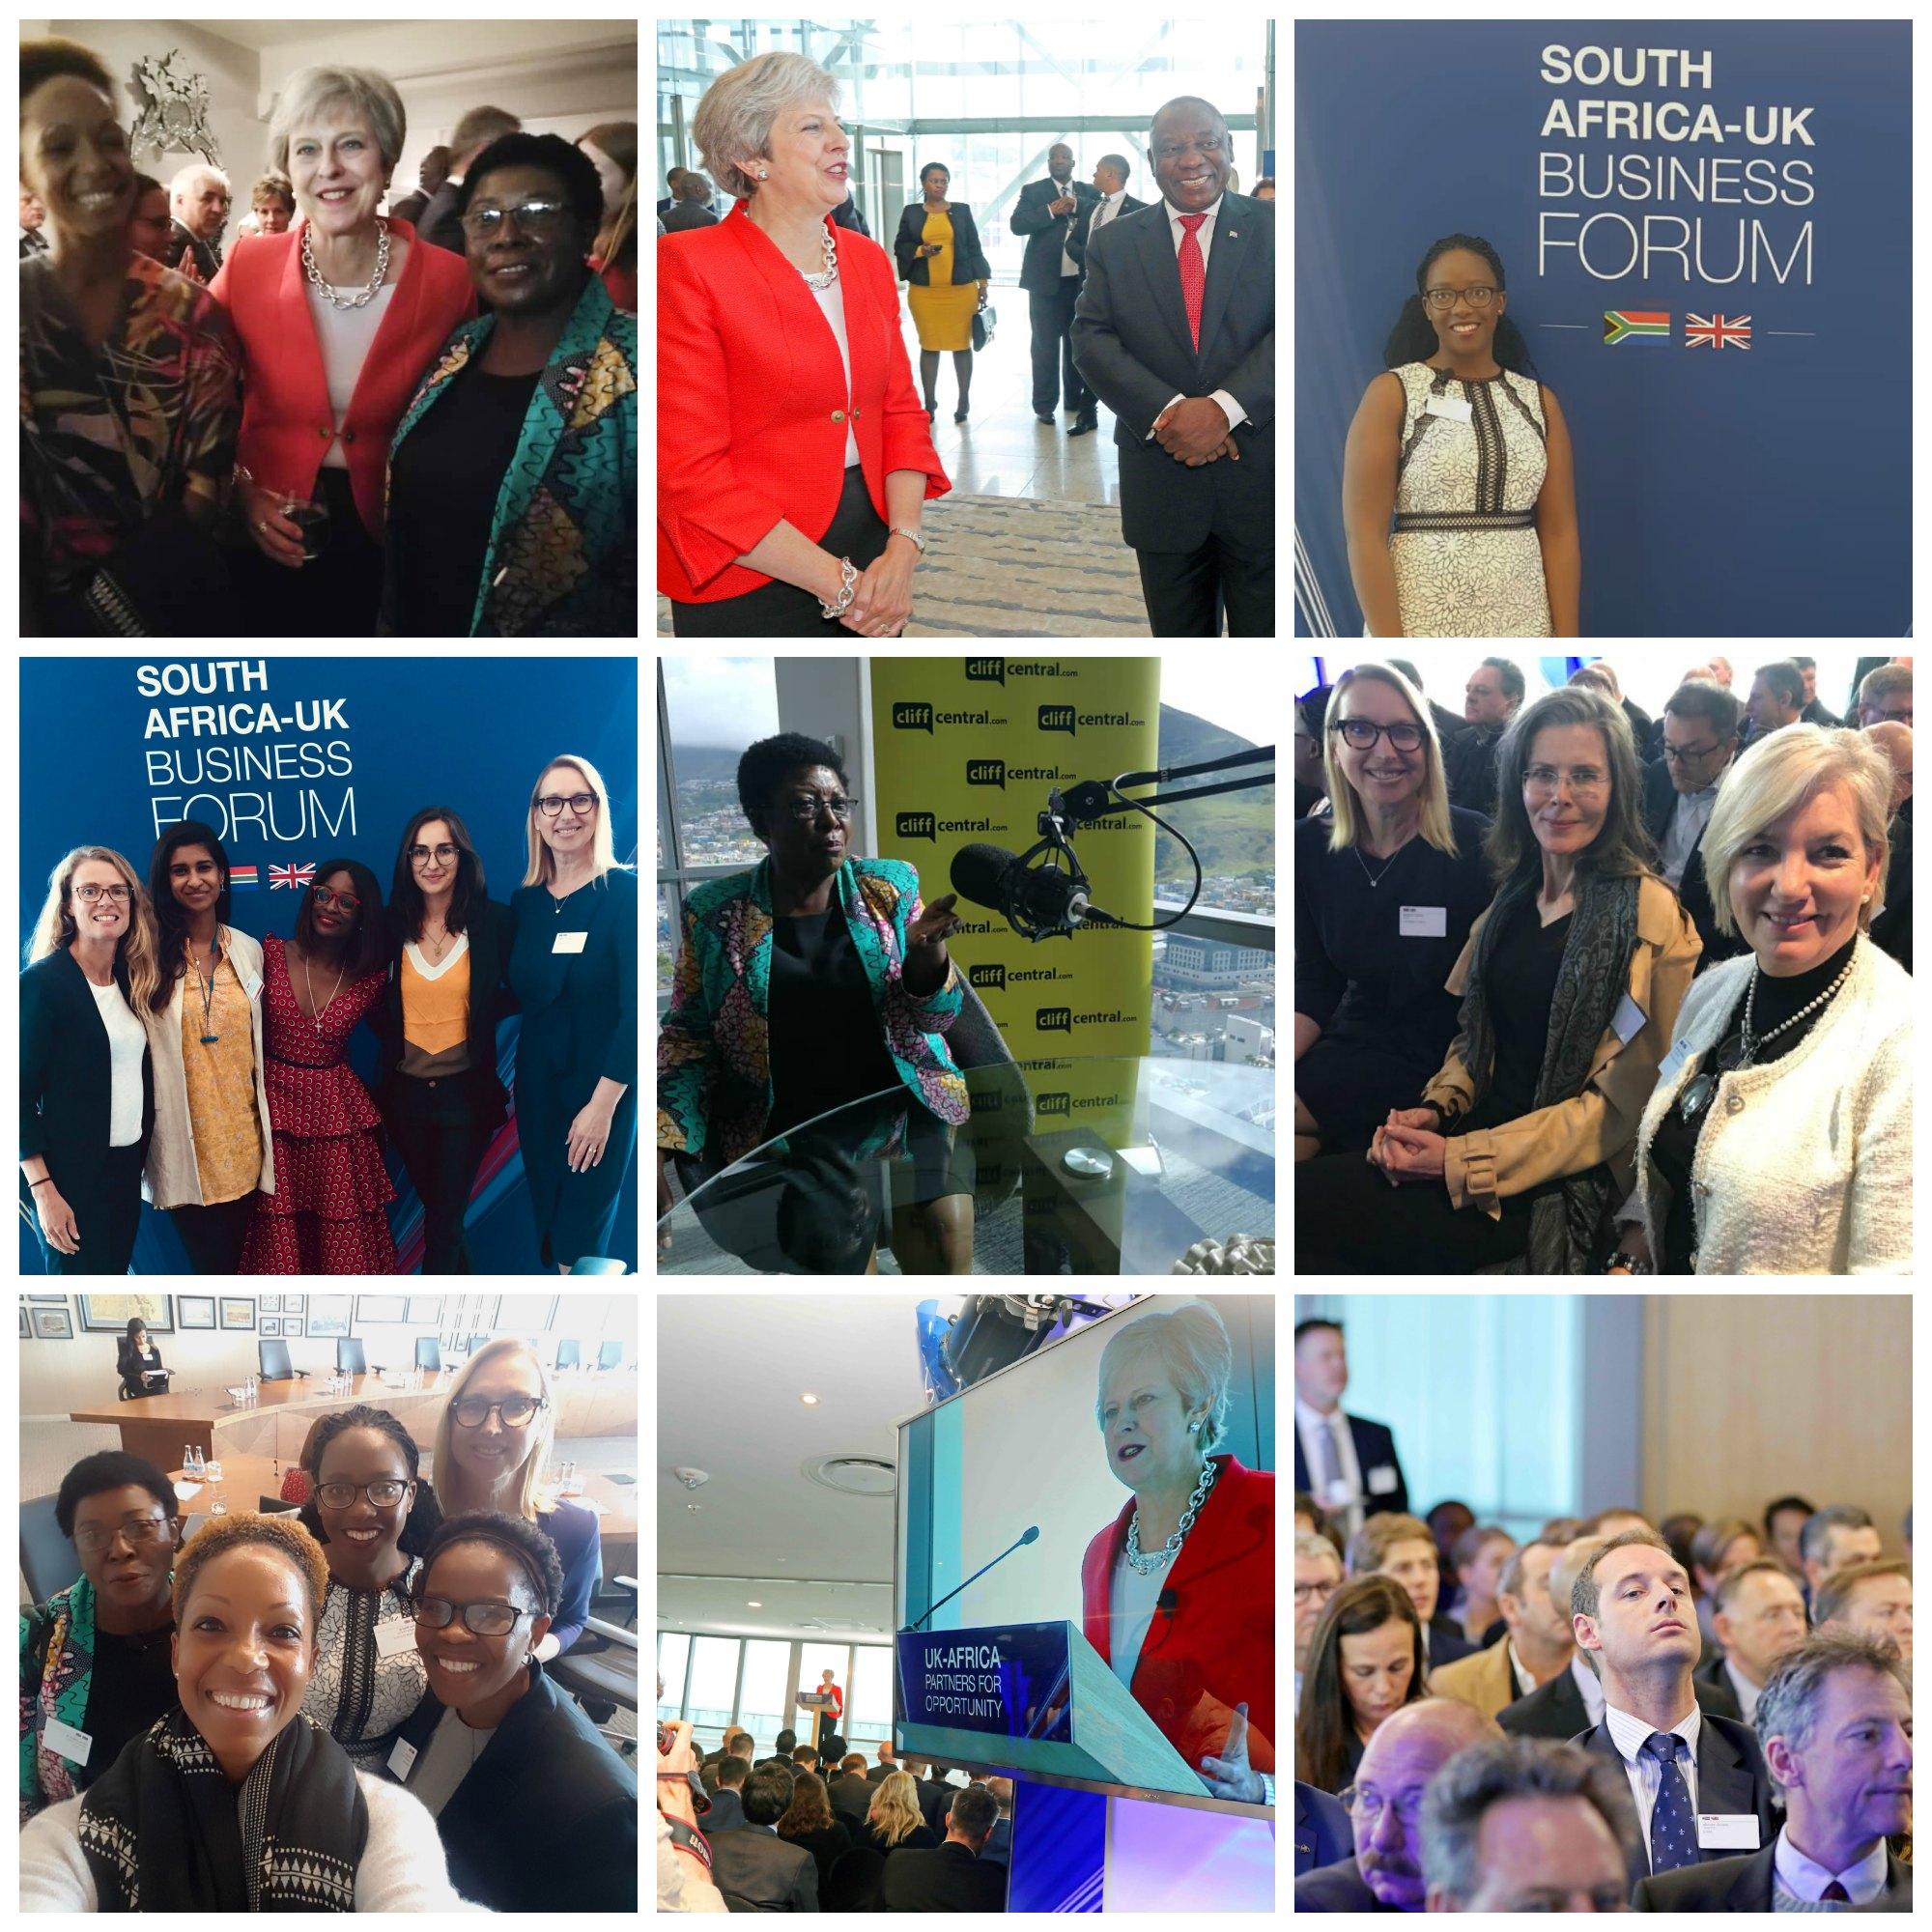 SA-UK-Business-Forum- Collage4.jpg